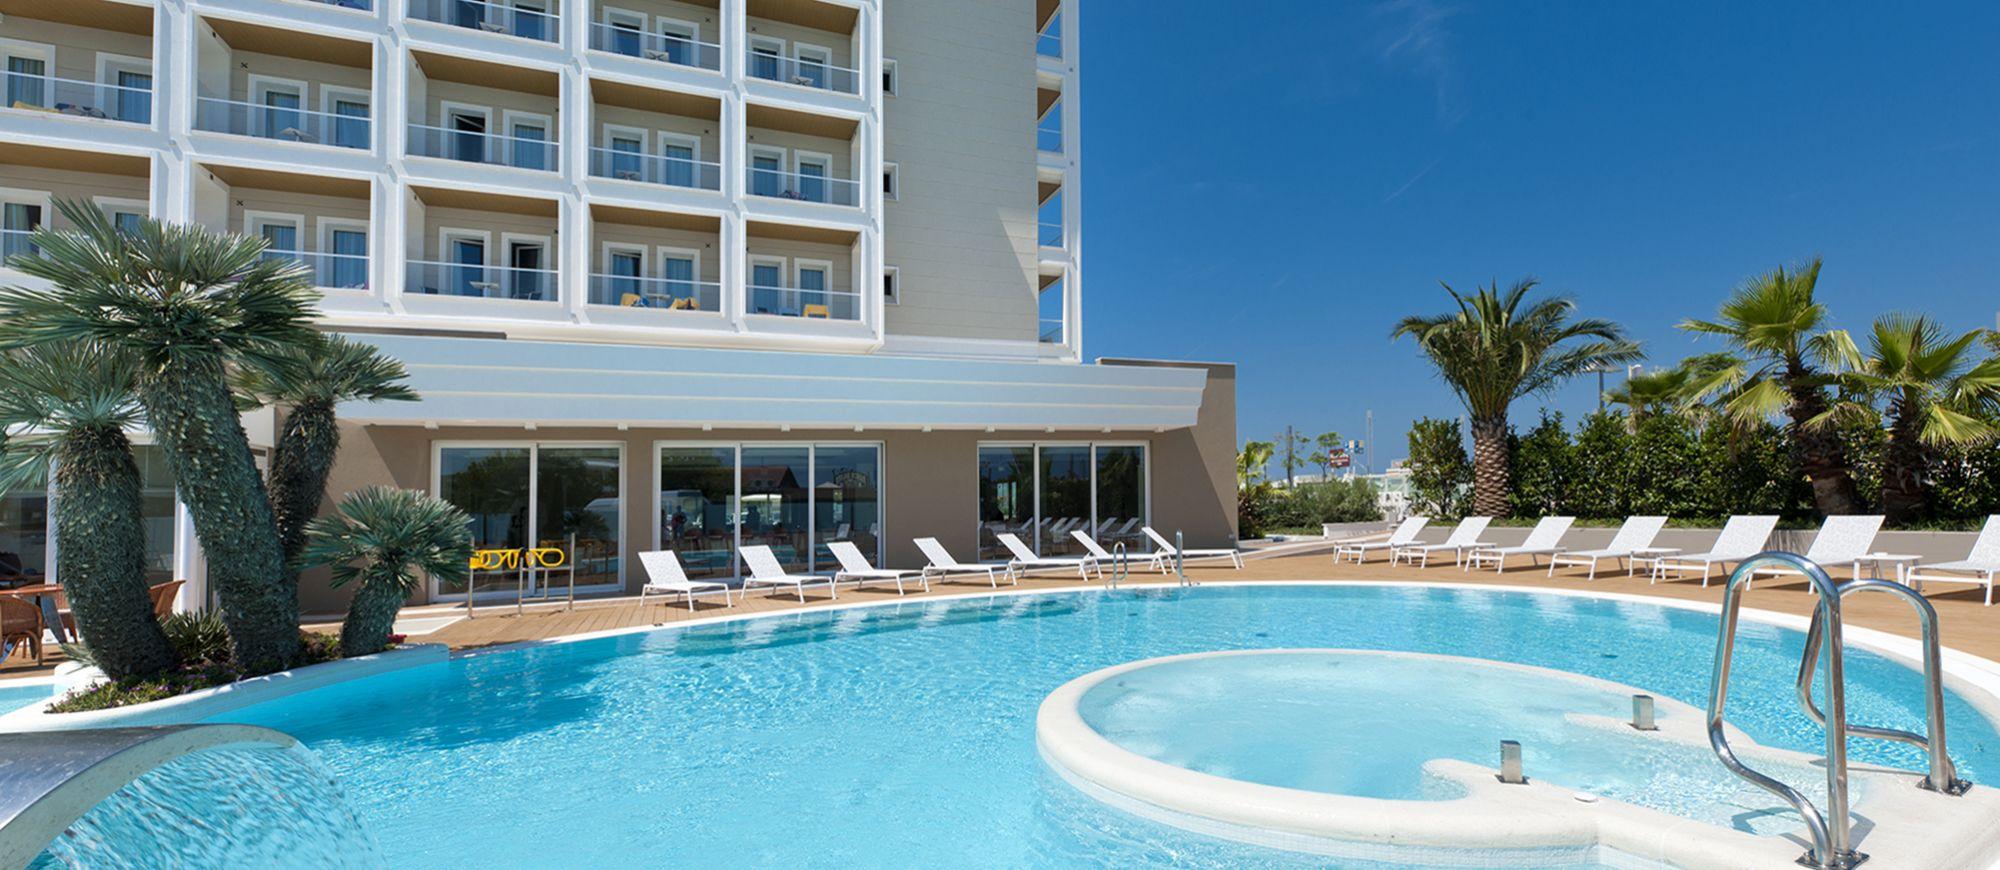 Hotel riccione con piscina alberghi piscina riscaldata ambasciatori hotel - Champoluc hotel con piscina ...